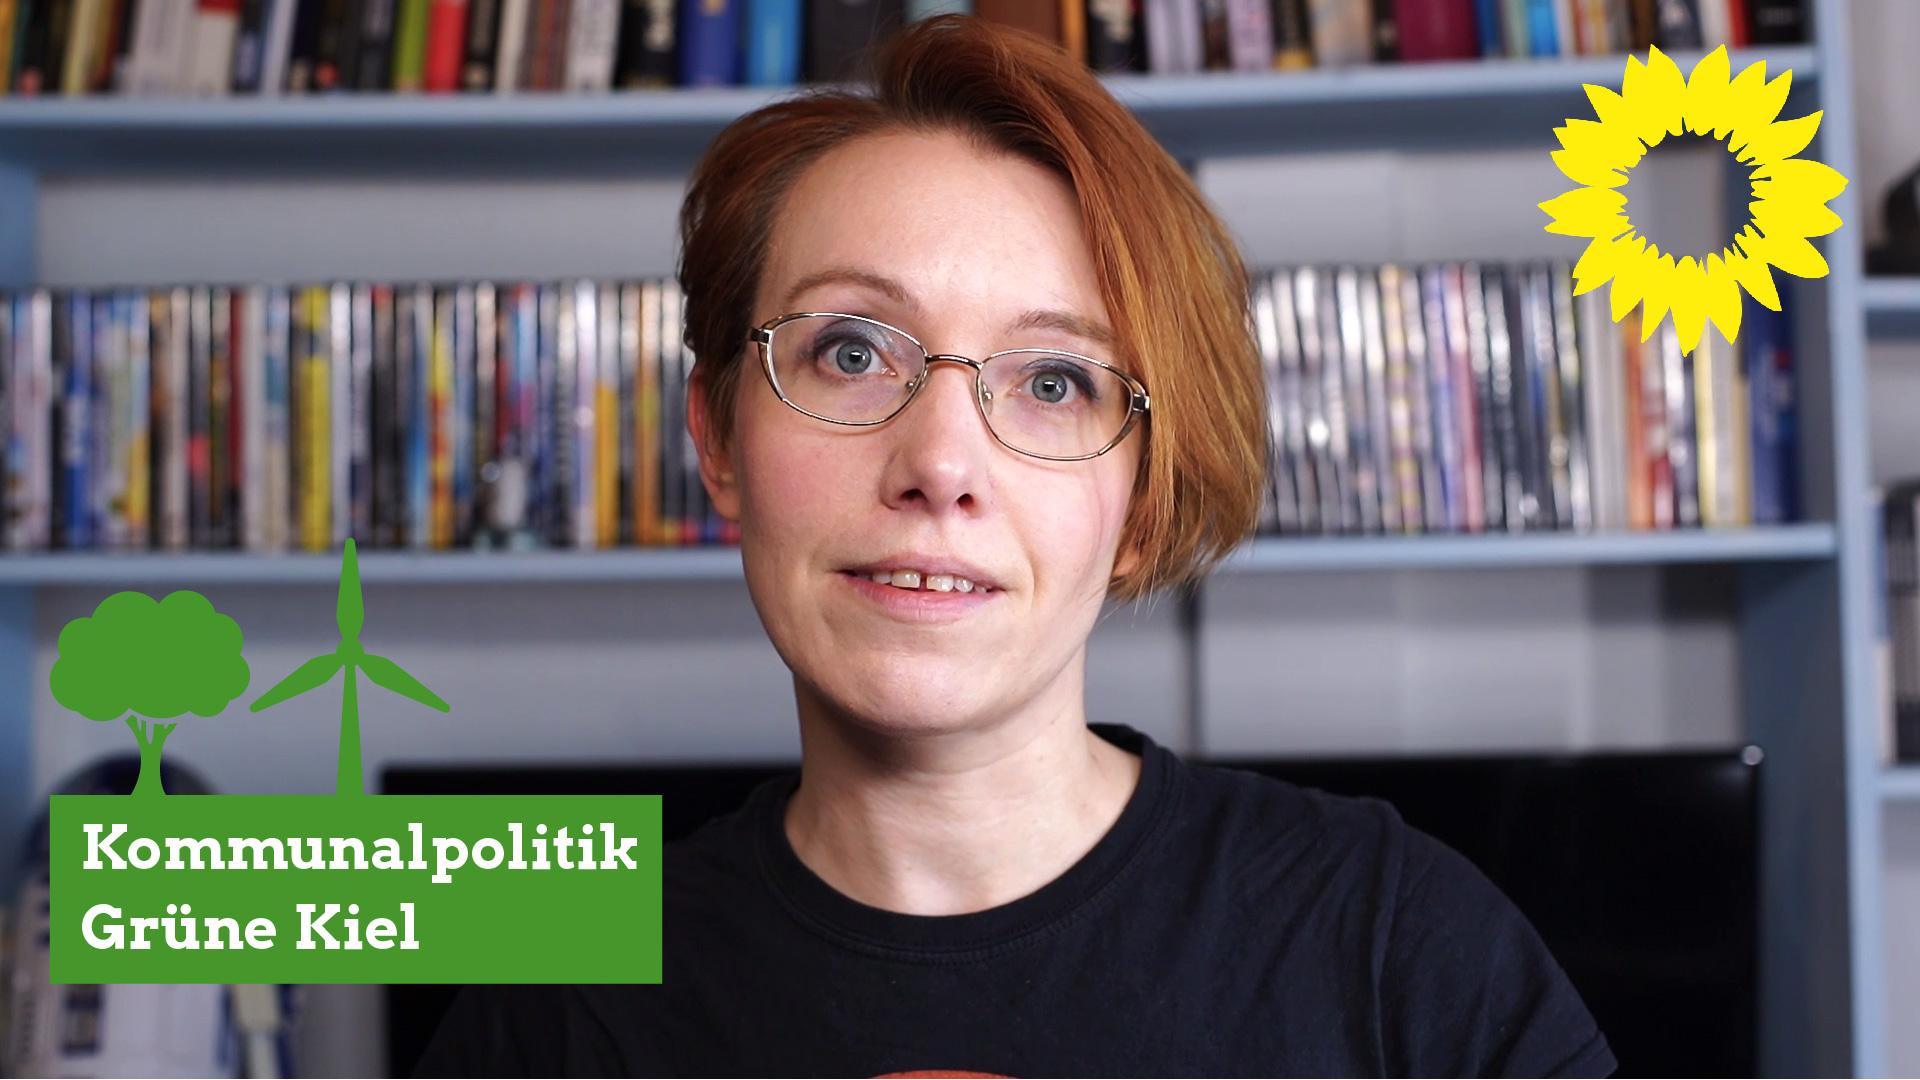 Mitmischen bei den Kieler Grünen